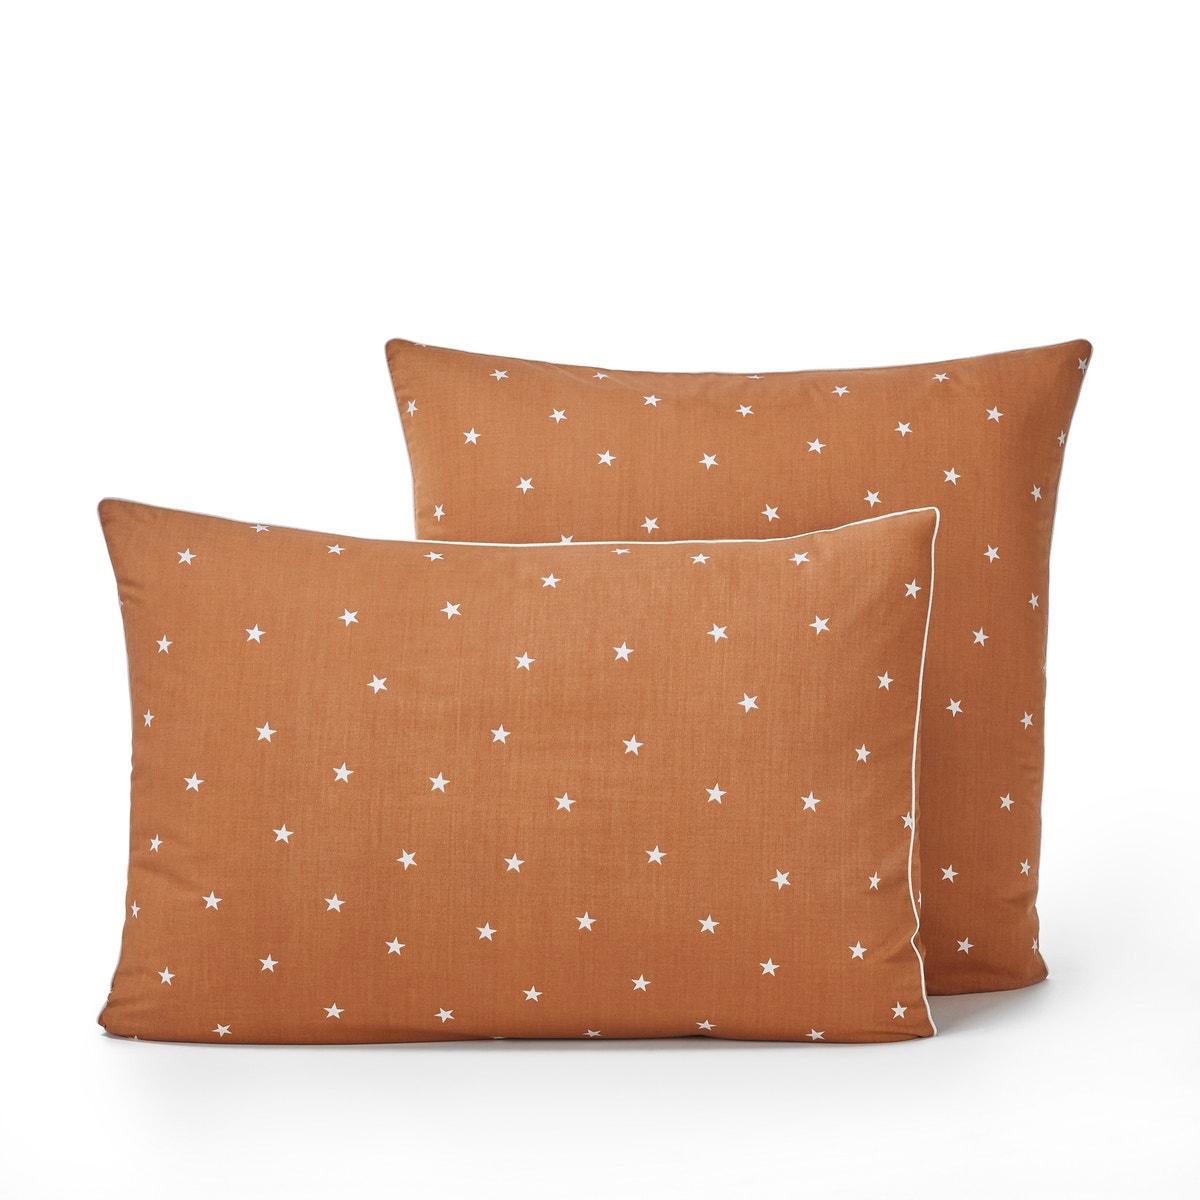 Stella オーガニックコットン 枕カバー